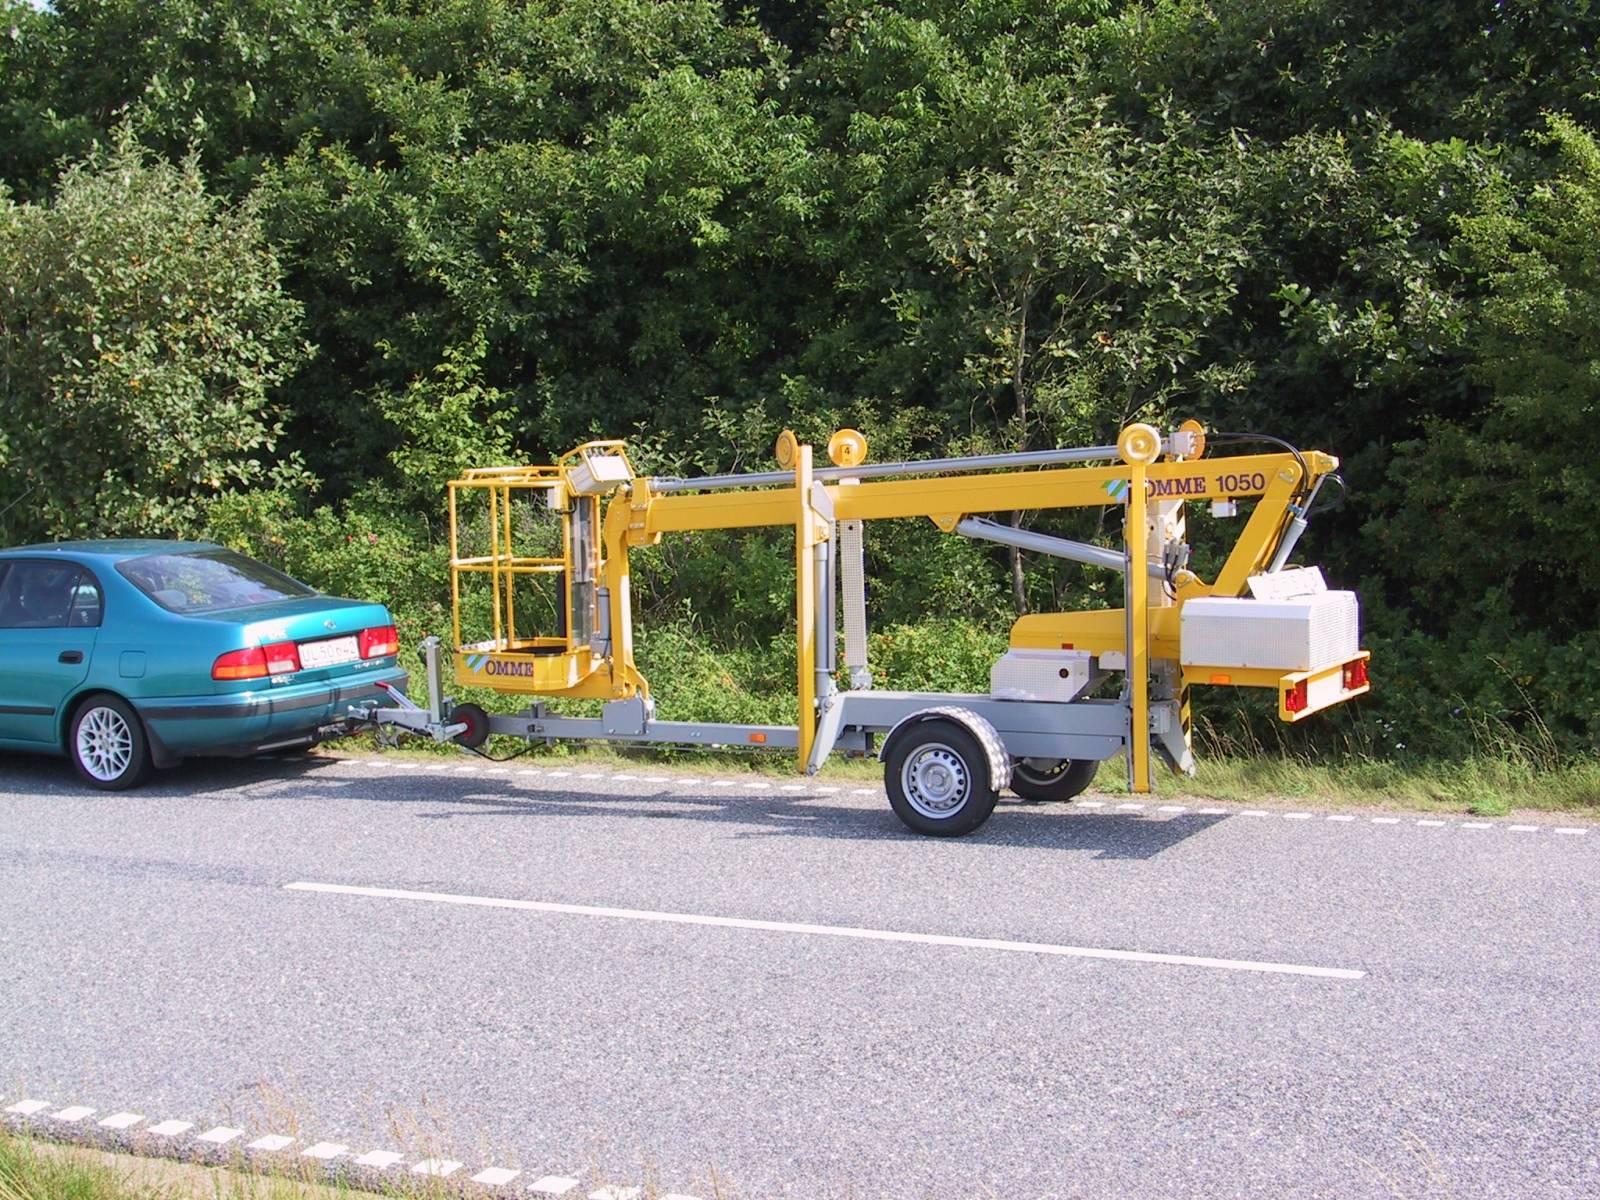 10m Tilhengerlift 230V - Omme 1050 EZ